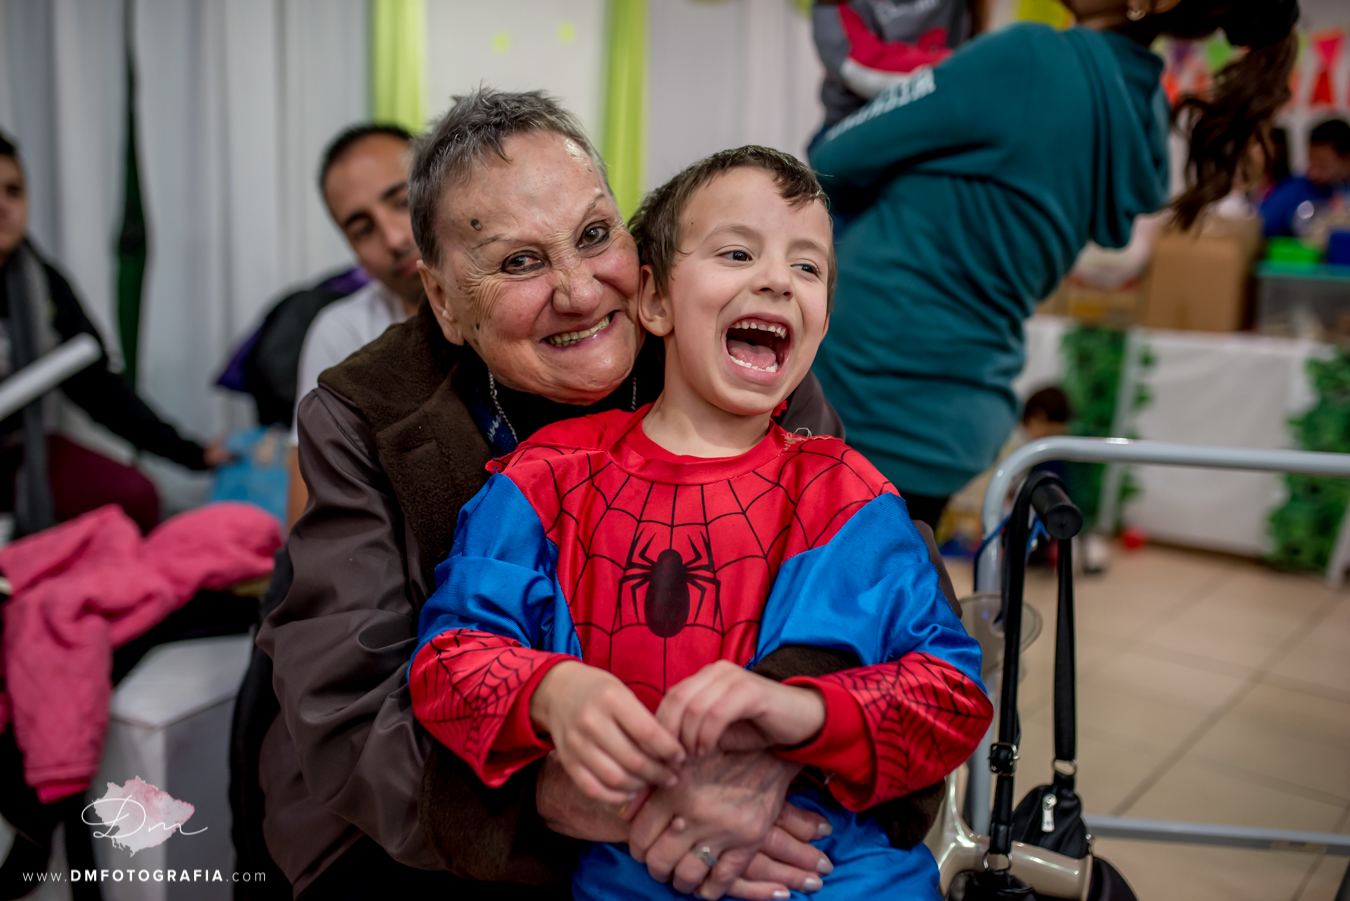 Fotógrafa de eventos infantiles en Malabari Multieventos, San Miguel, Buenos Aires